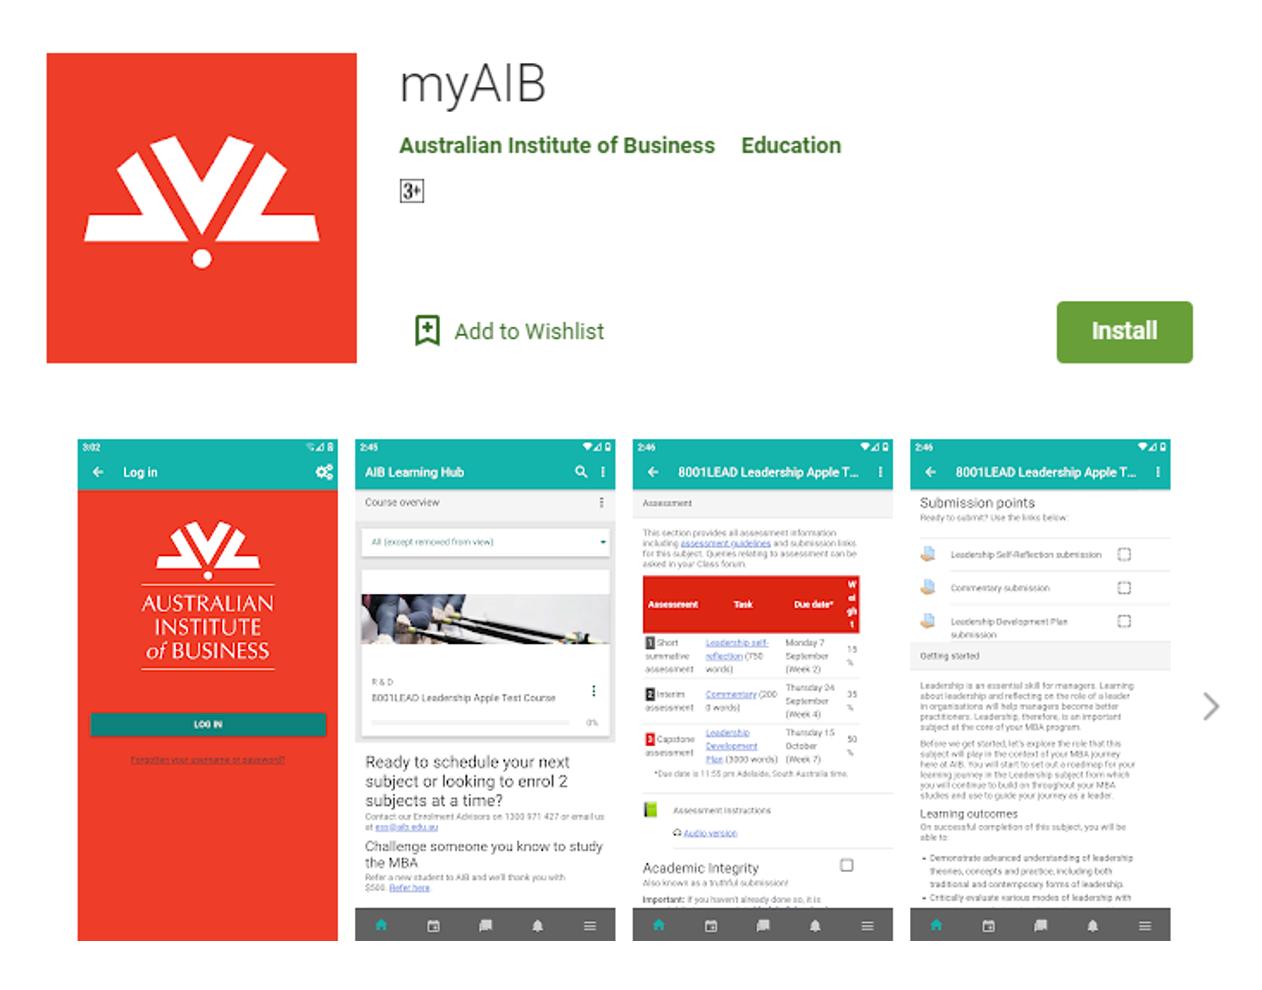 myAIB App